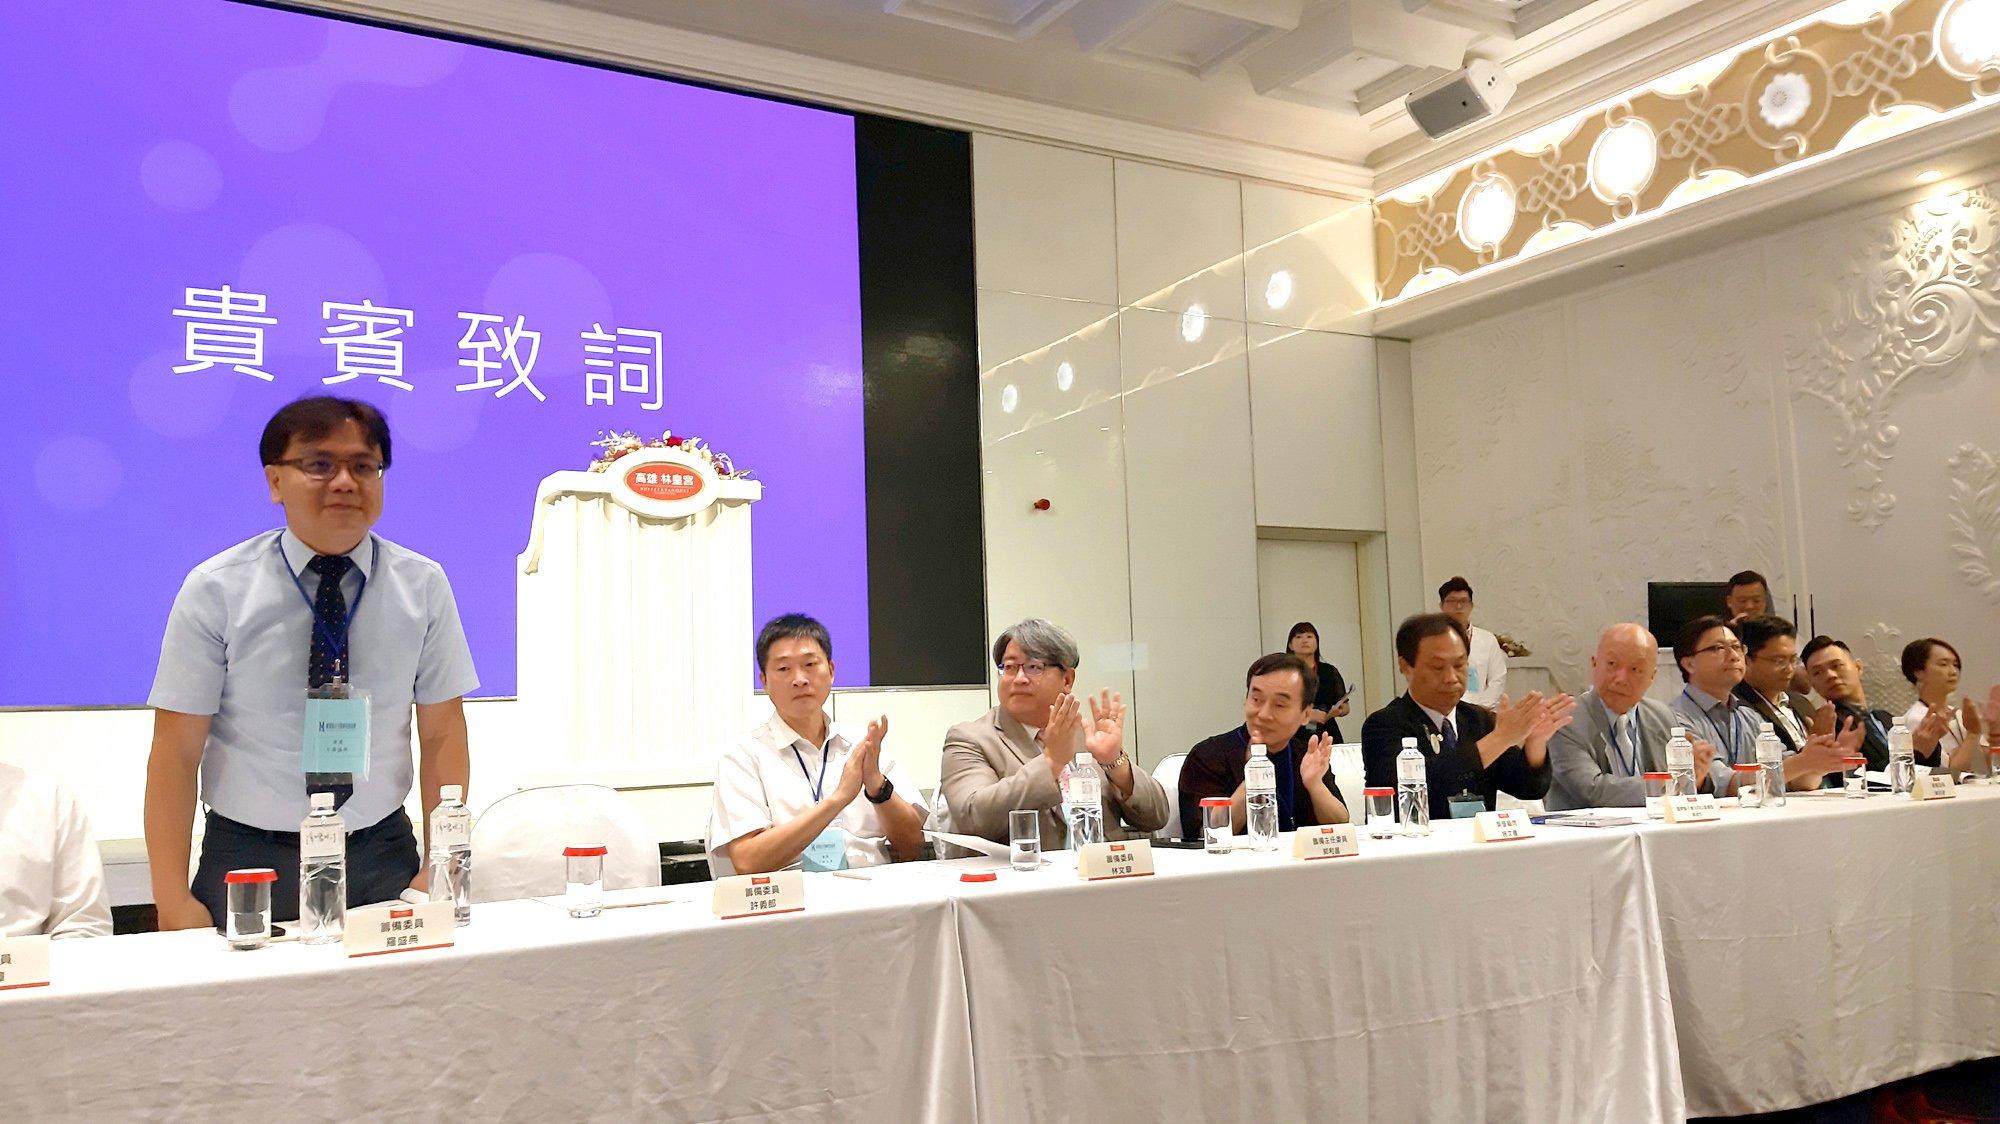 臺灣氫分子醫療促進協會-09 委員 高雄長庚 耳鼻喉科主任 羅盛典醫師